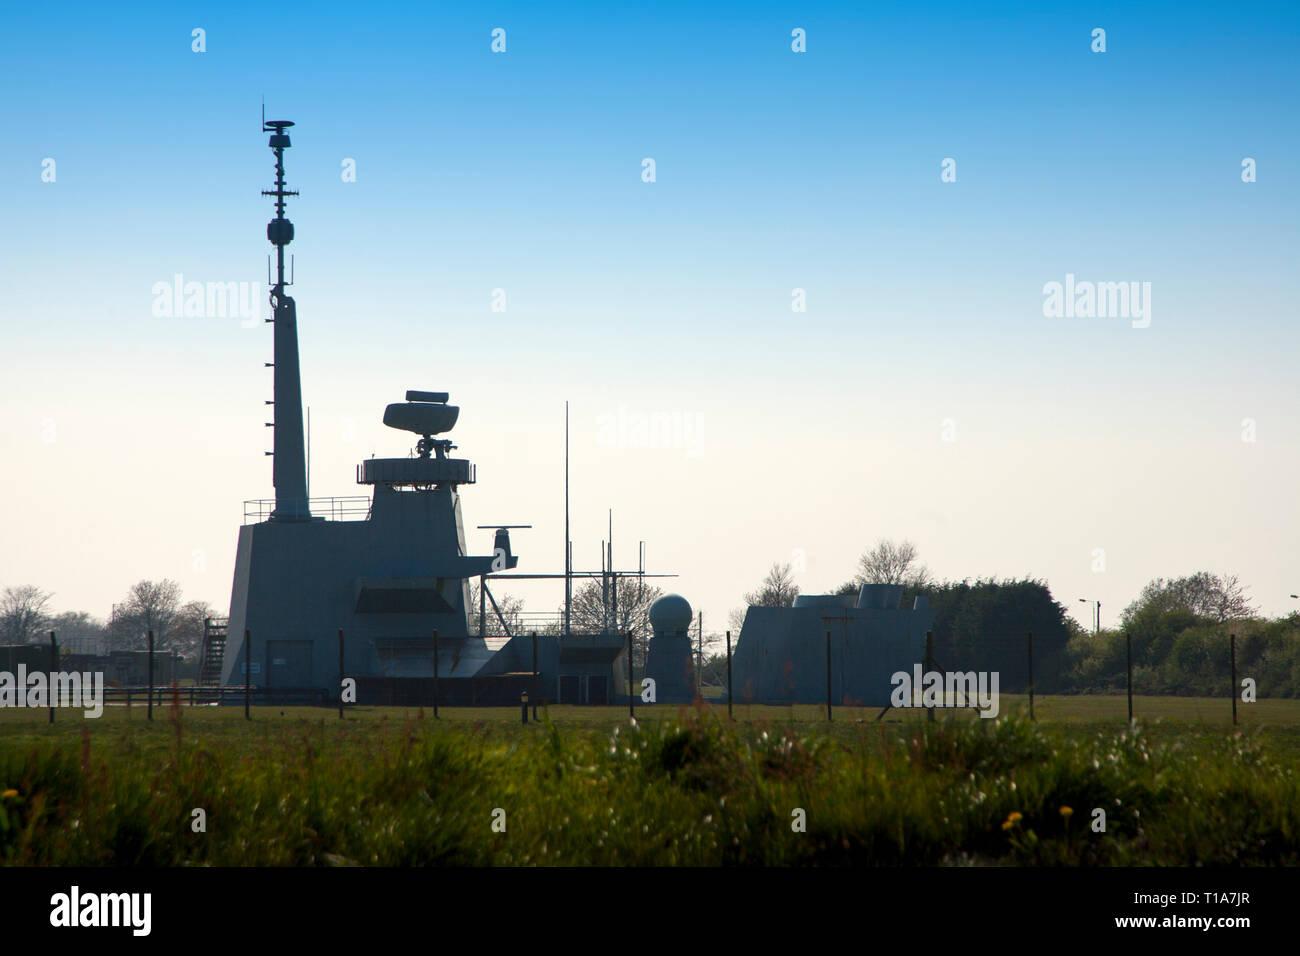 BAE, barco, radar, pruebas de perforación, maquetas, plataforma marina, buques de guerra, fábrica, base, Northwood, la Isla de Wight, Inglaterra, Reino Unido Imagen De Stock